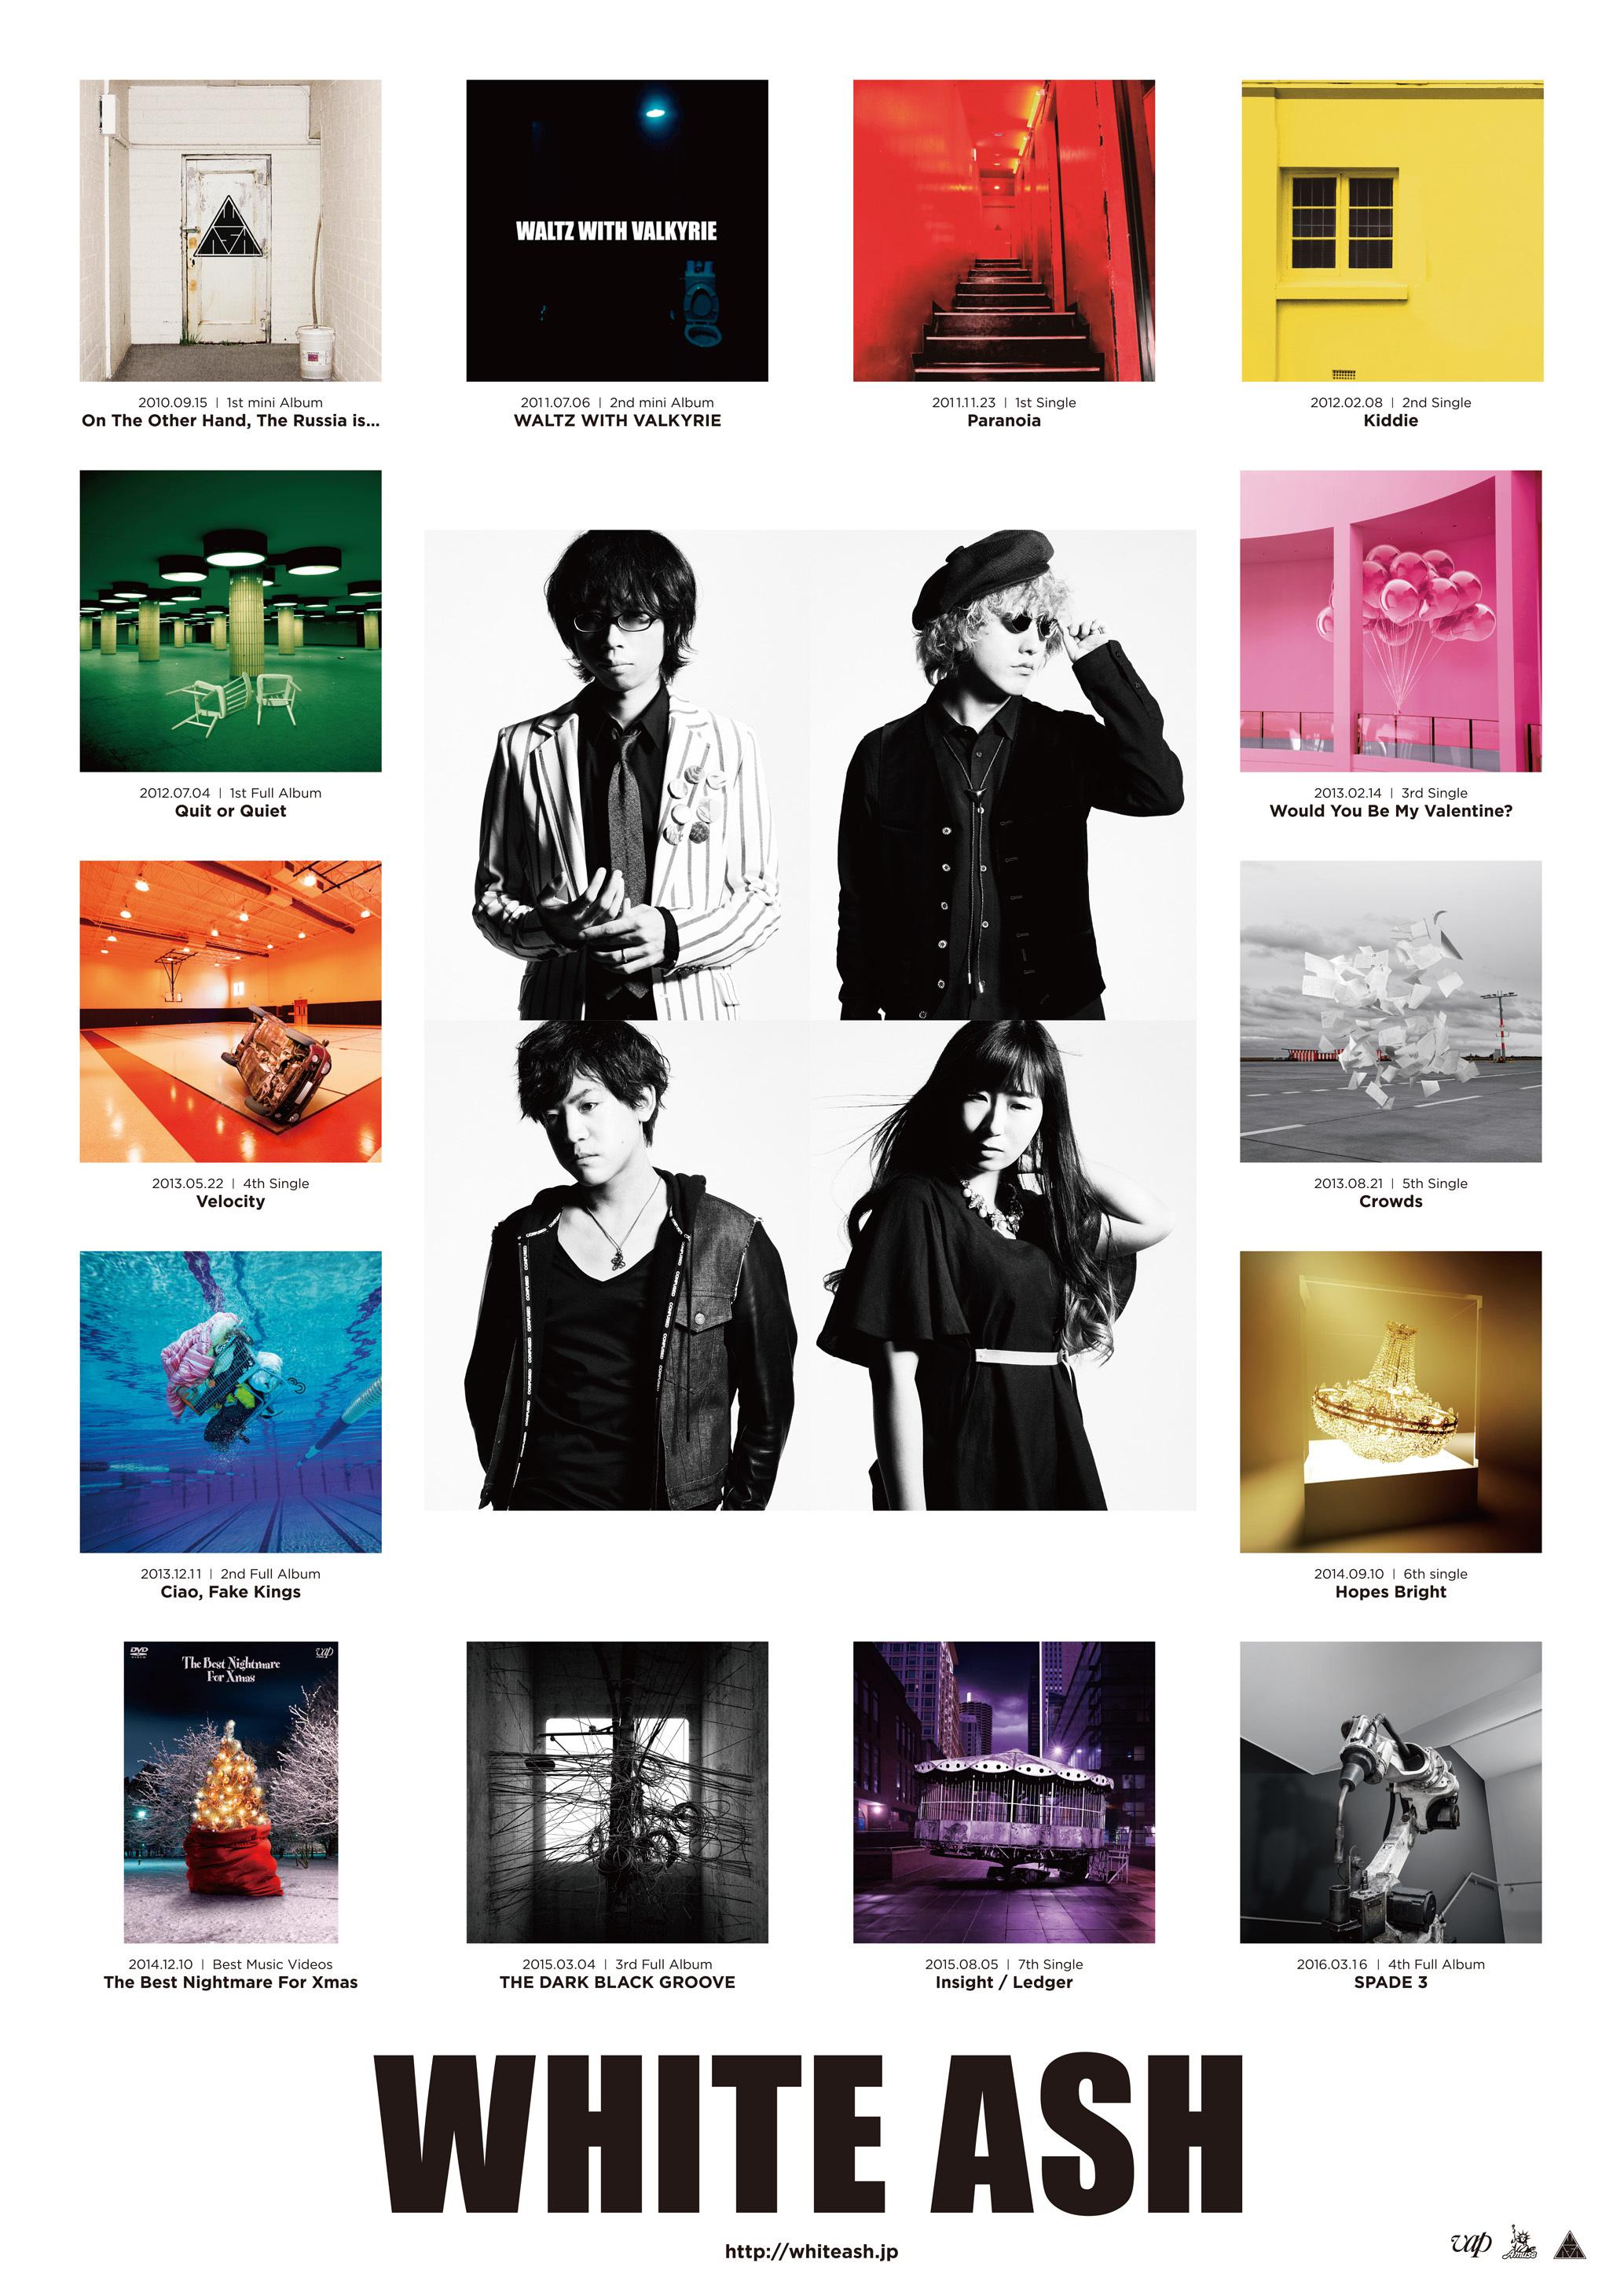 JAPAN EXPO限定デザイン特製ポスタービジュアル ※こちらにメンバーの直筆サインが入ります。